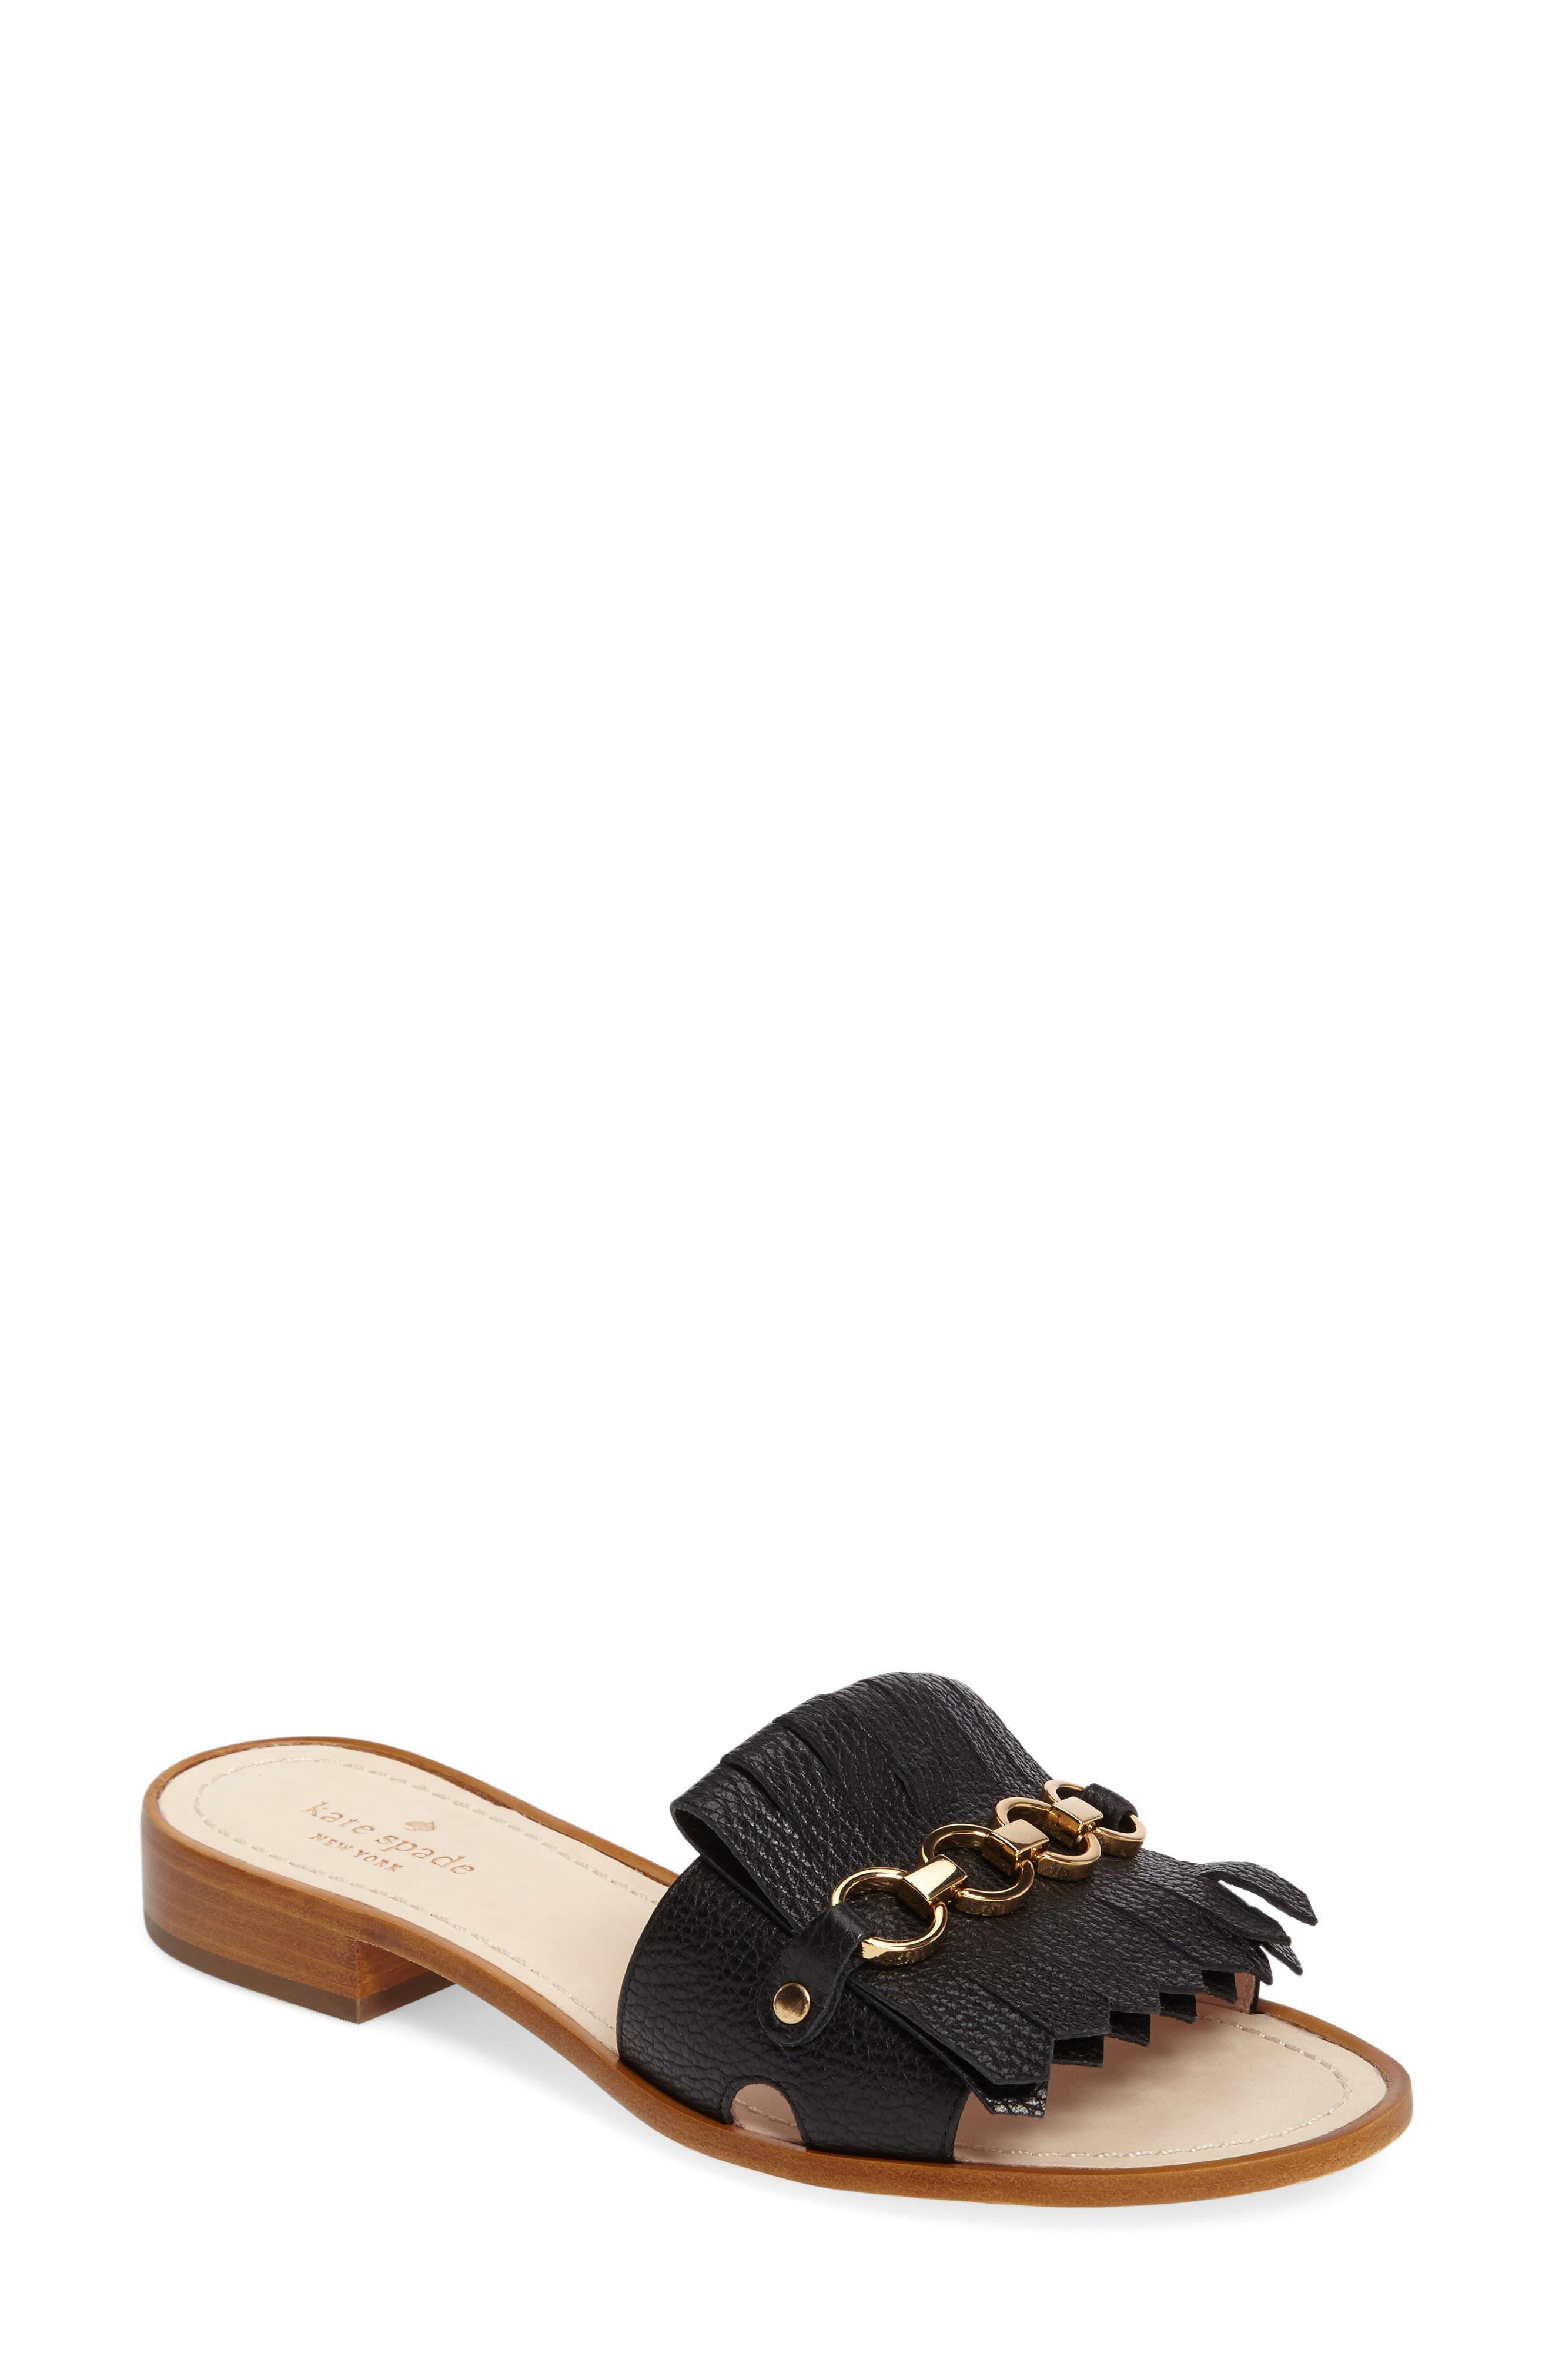 kate spade new york brie slide sandal (Women)